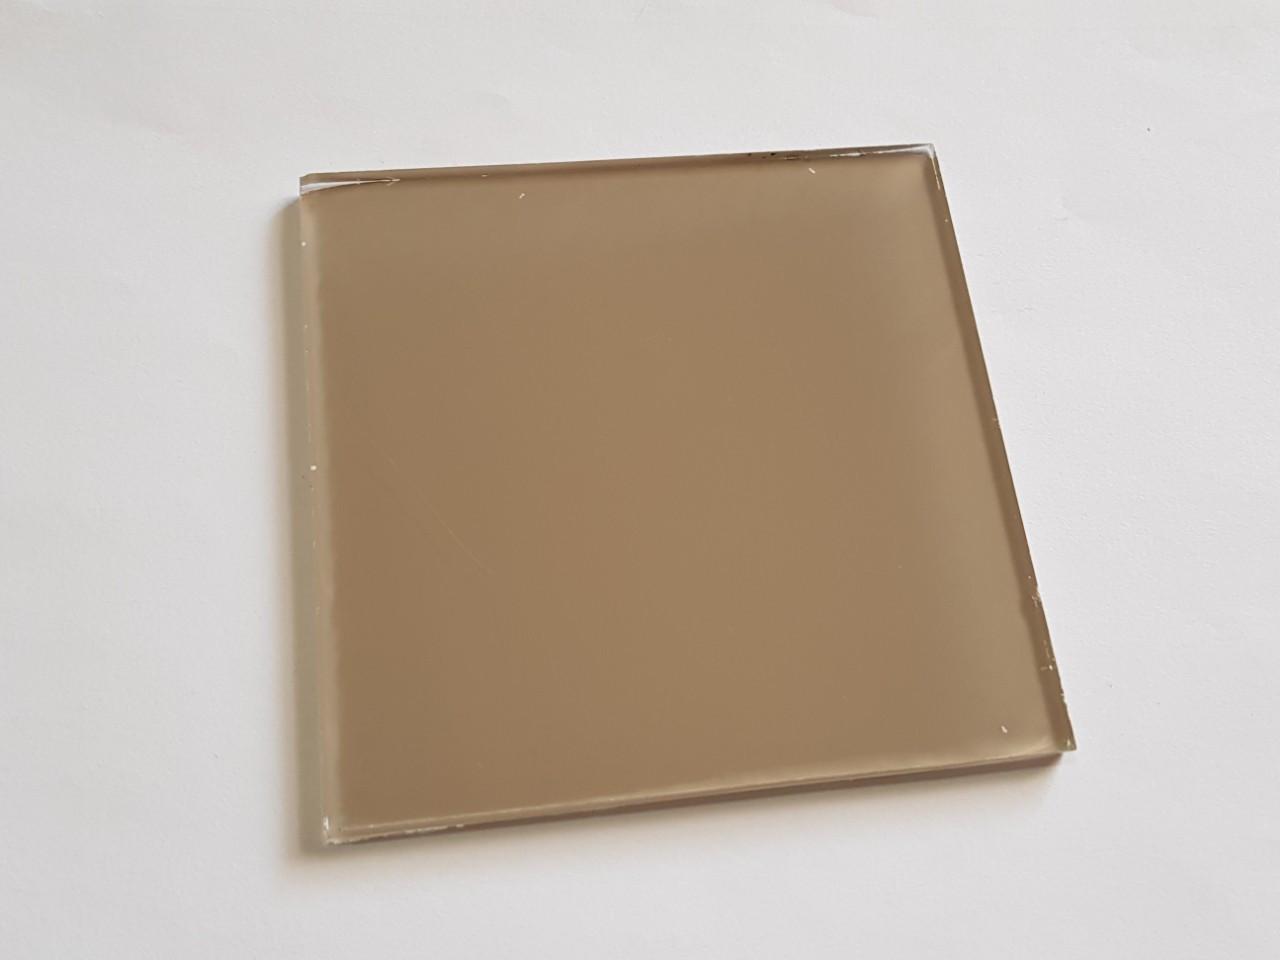 Стекло Lacobel Светло-коричневый 1236